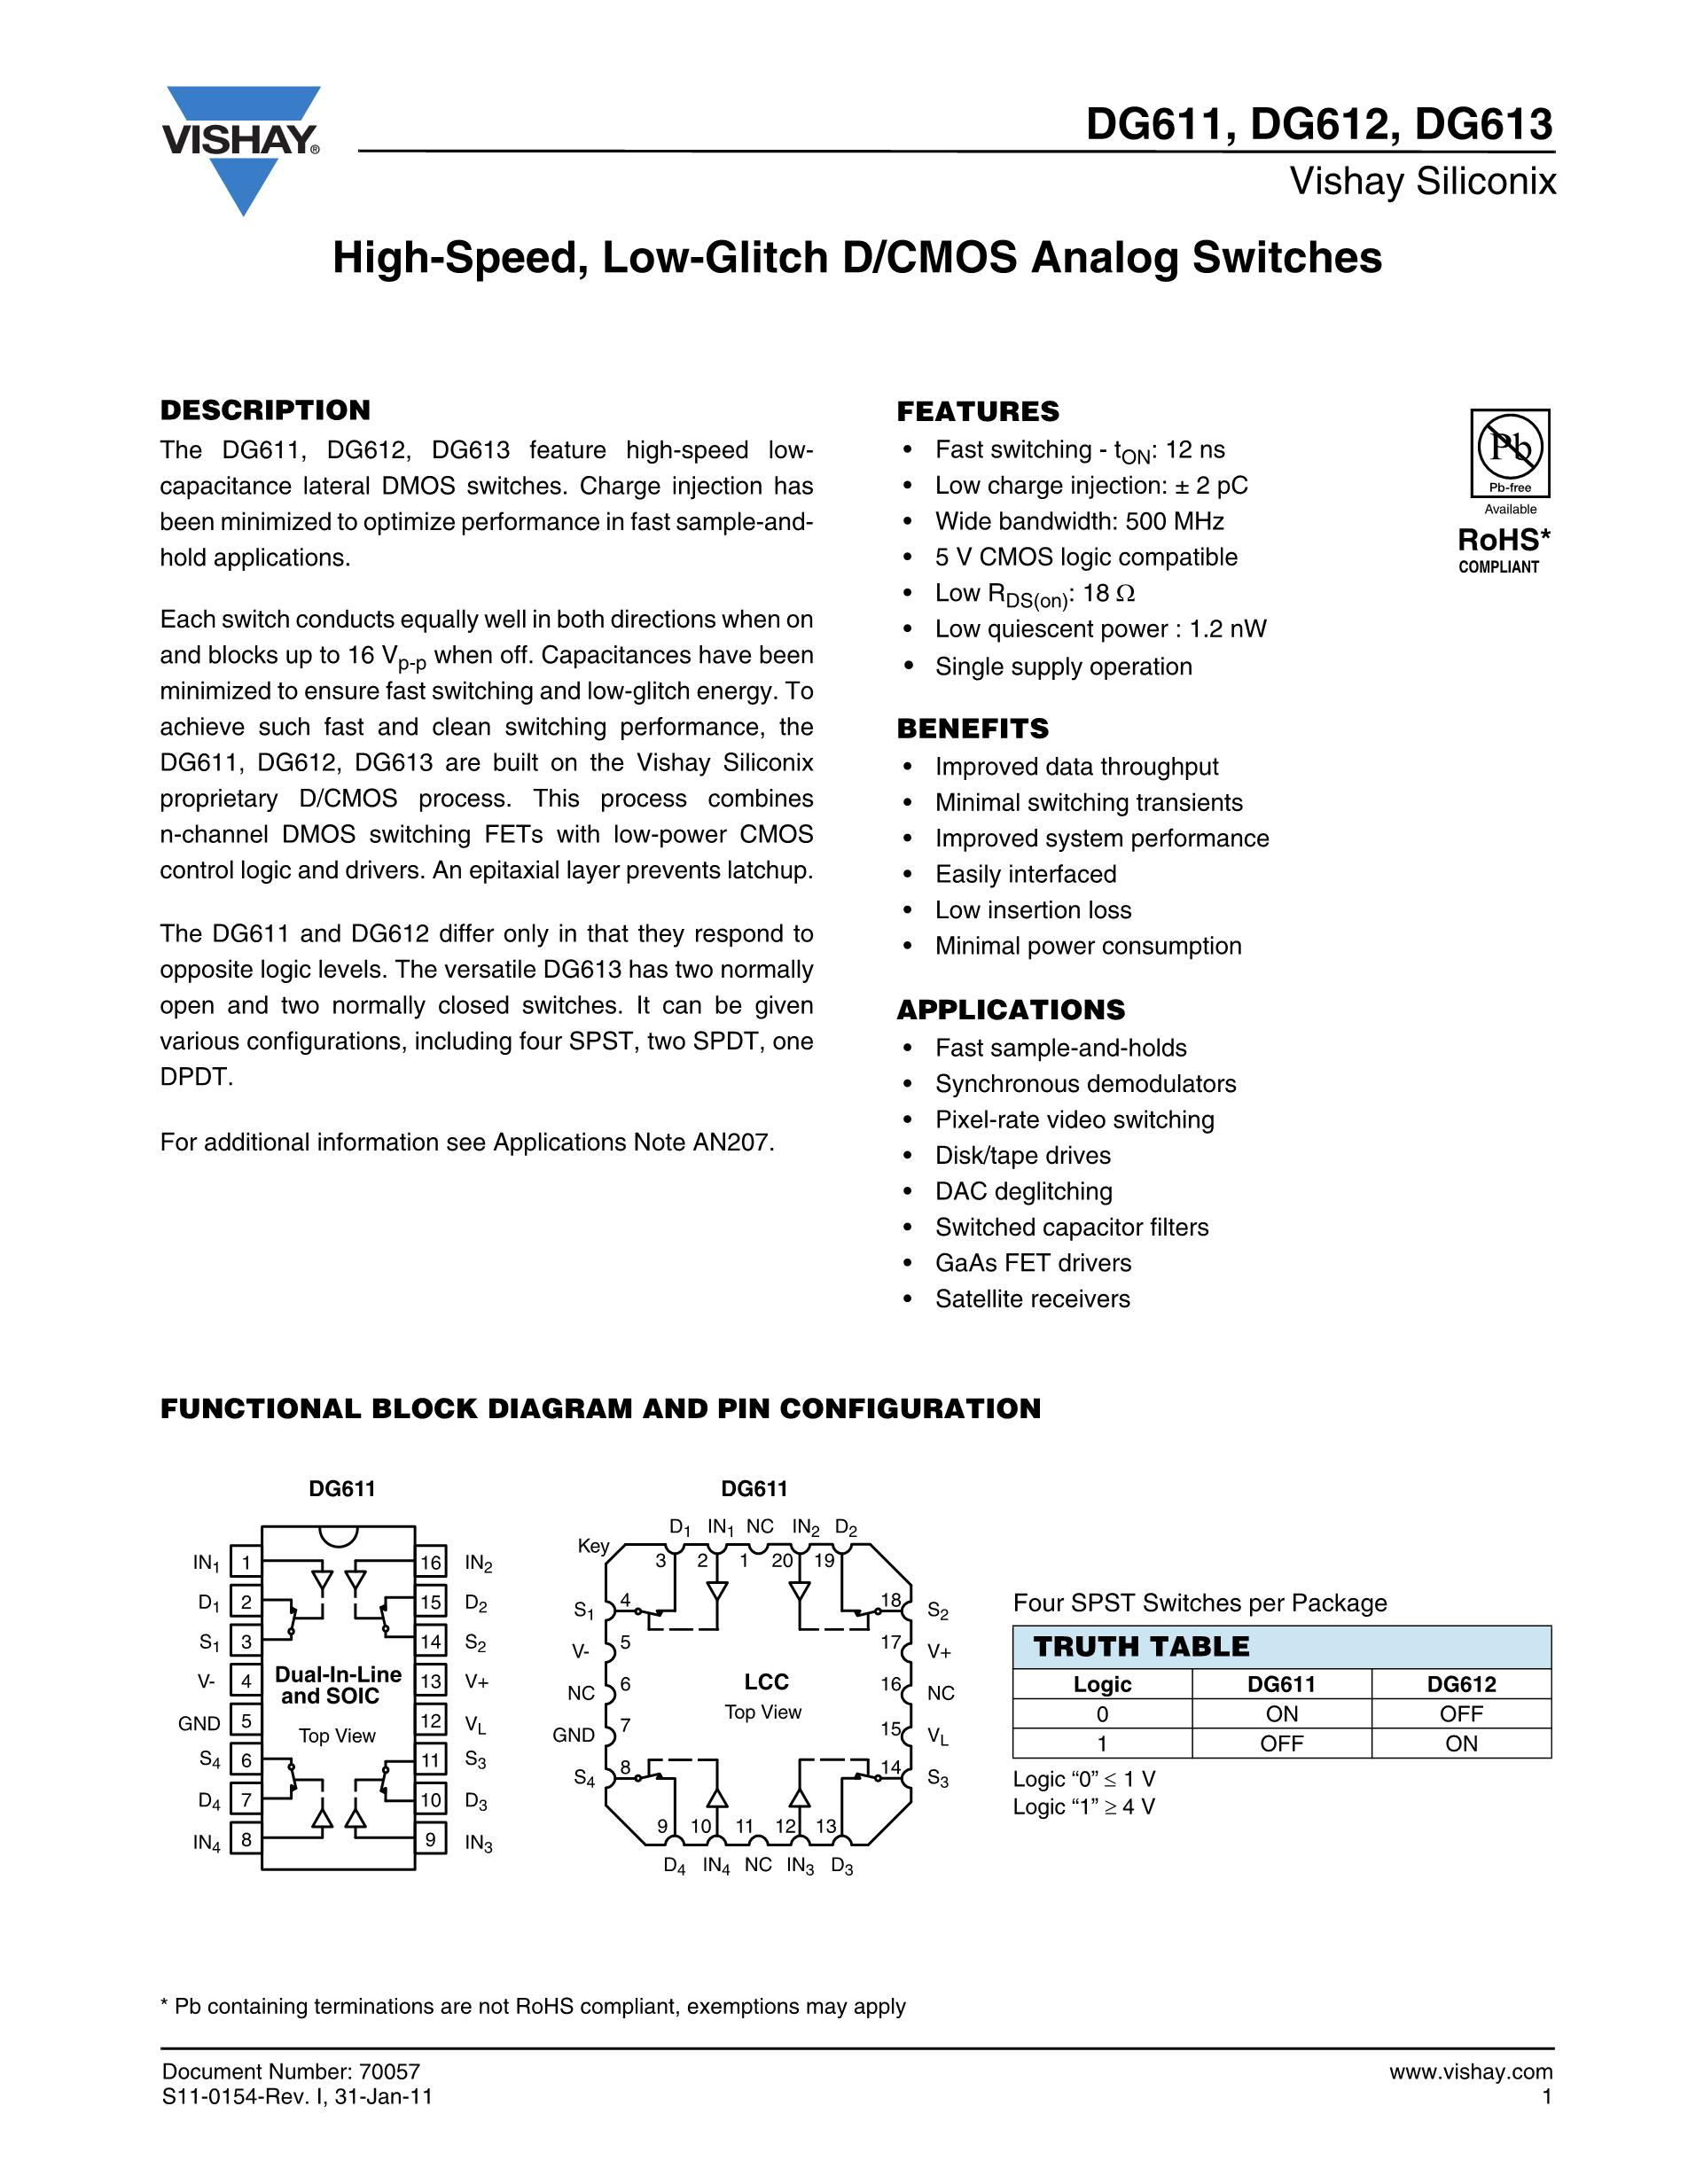 DG613DY's pdf picture 1